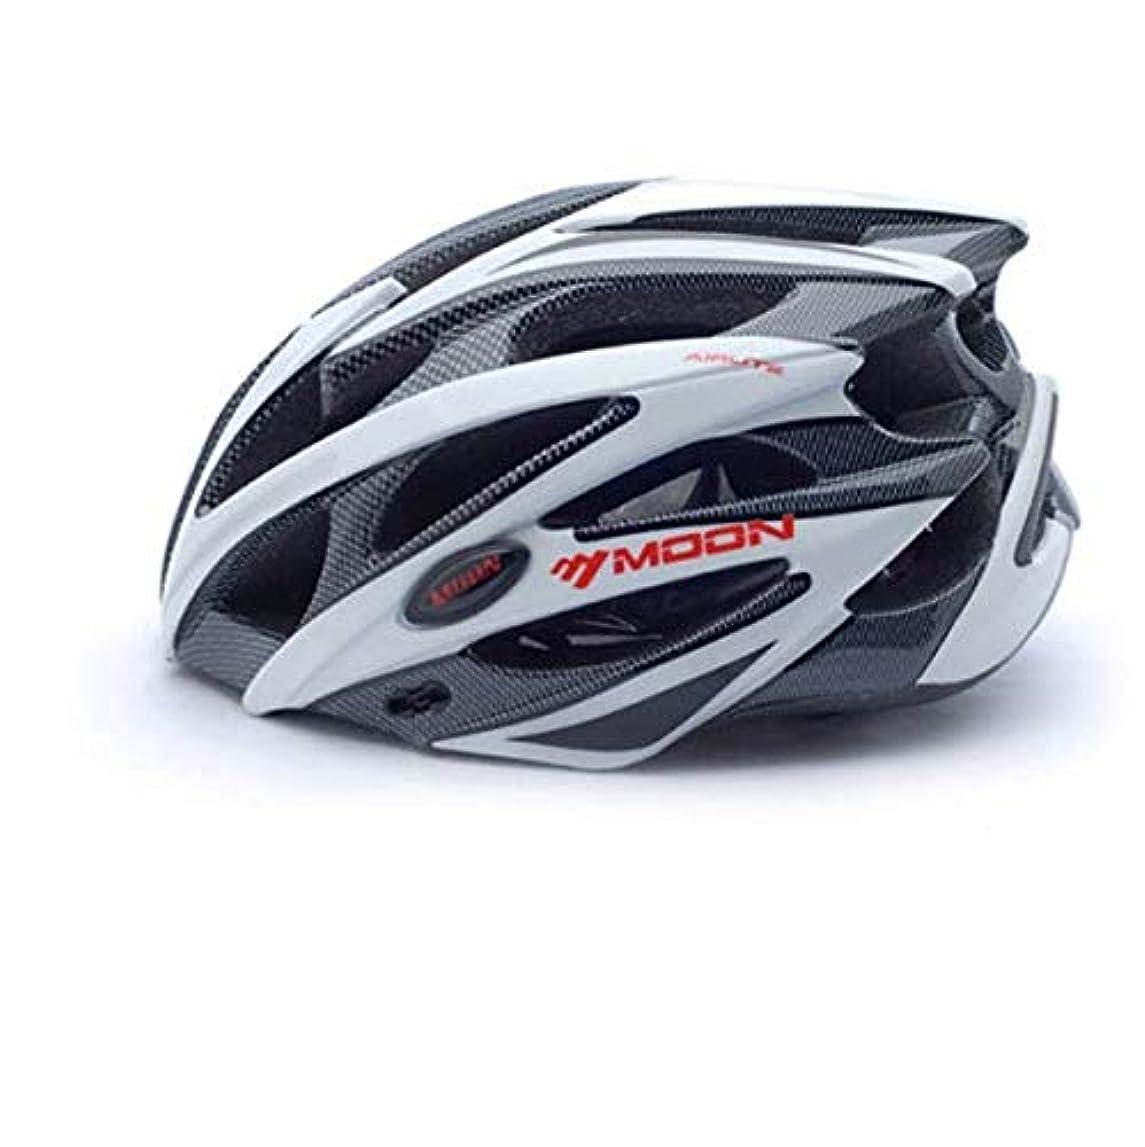 カードバンジージャンプうま自転車ヘルメッ サイクリング ヘルメット 超軽量 高剛性 男女兼用 ヘルメット通気 大人用 ロードバイク クロスバイク スポーツ サイズ調整可能 大人用